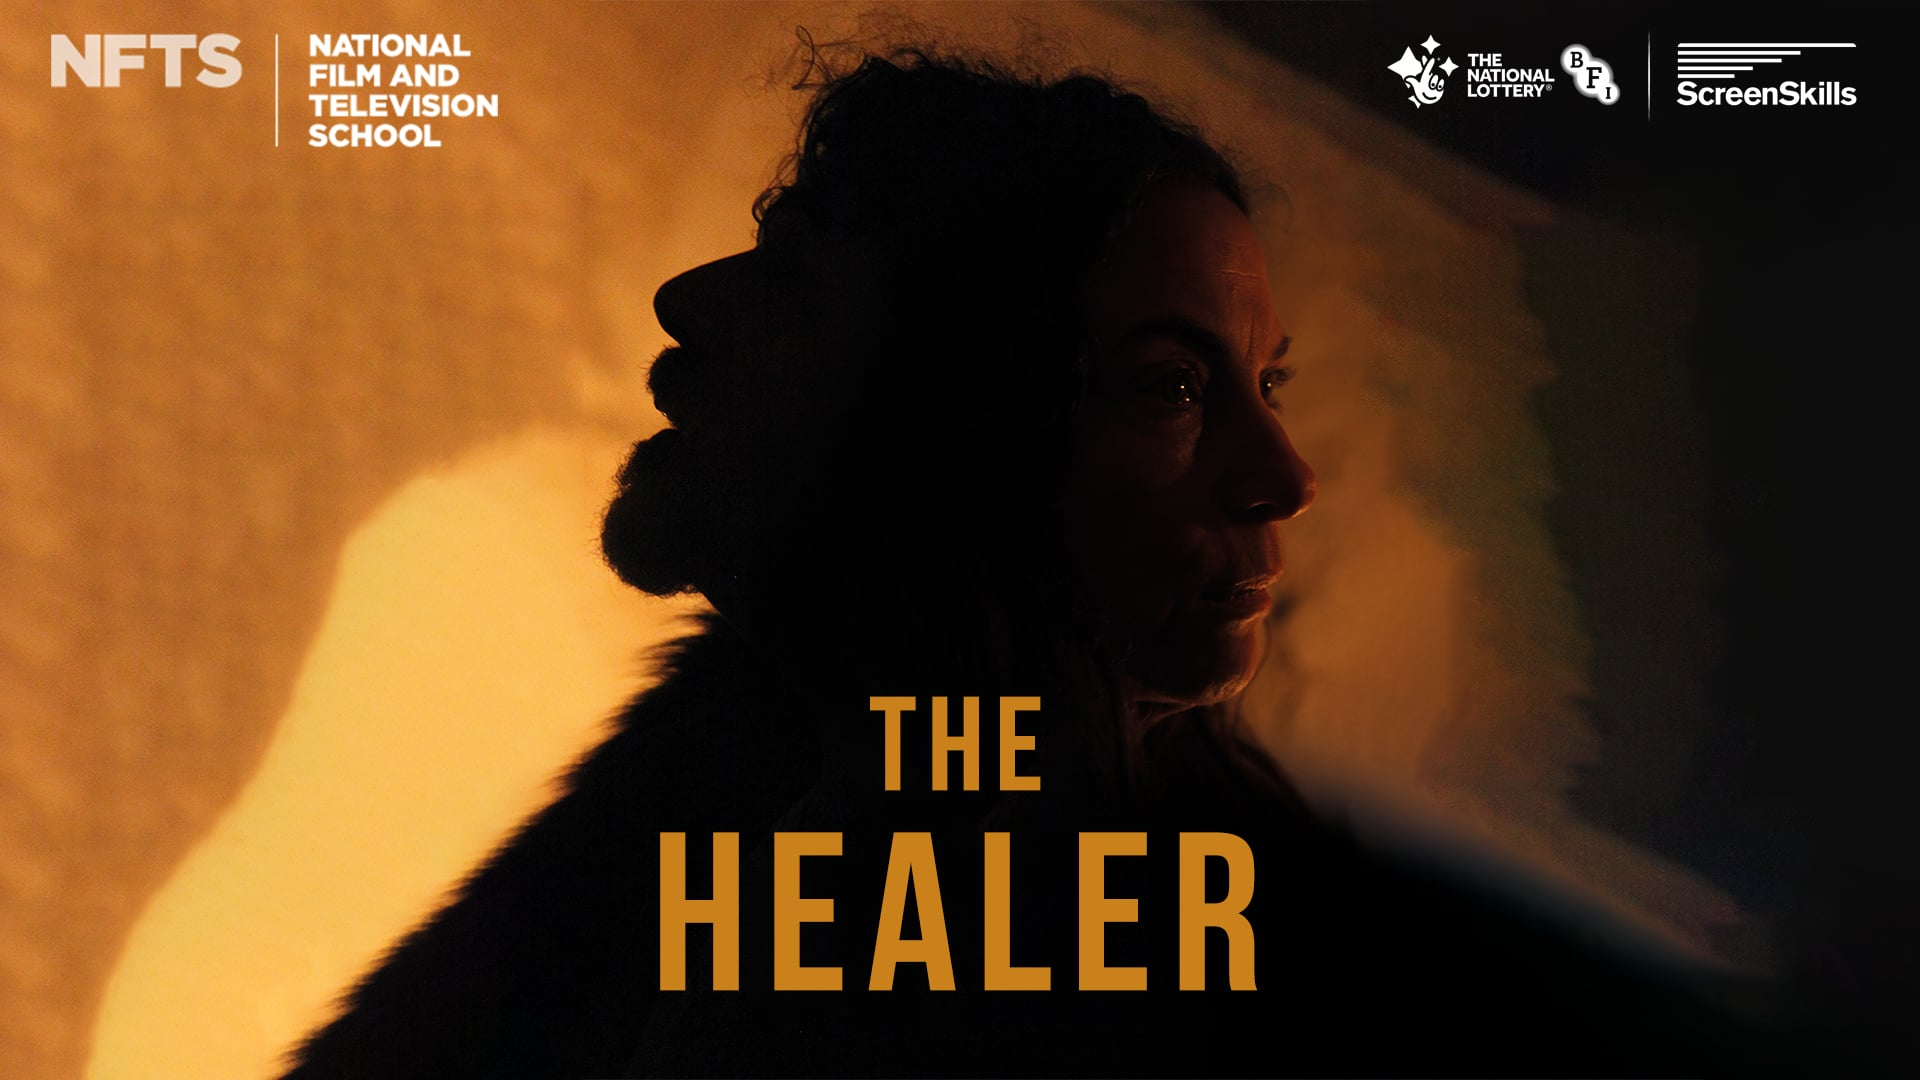 The Healer - Short Film